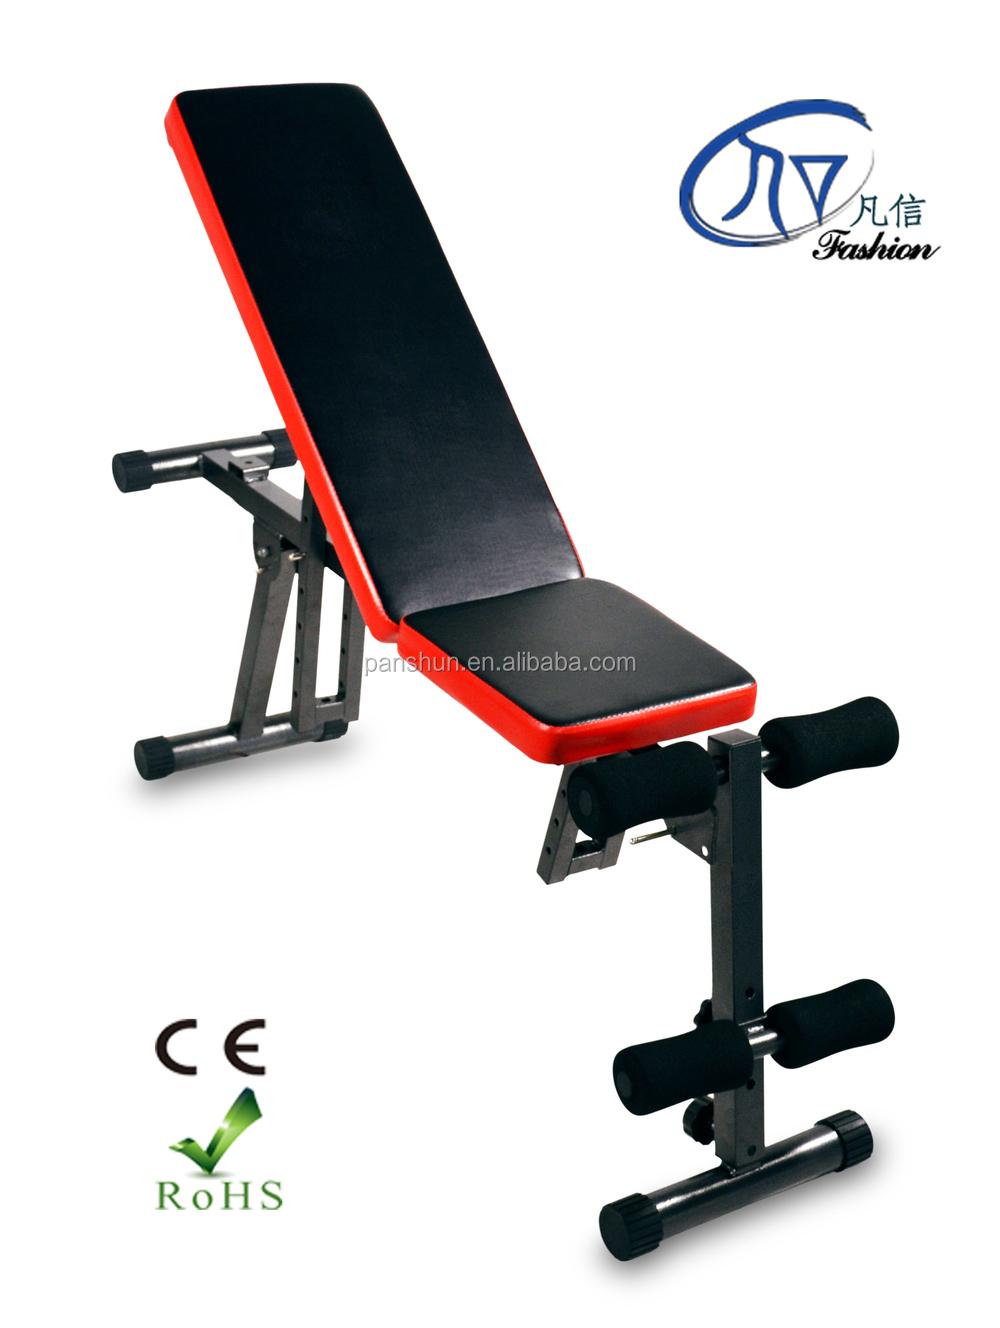 sit machine